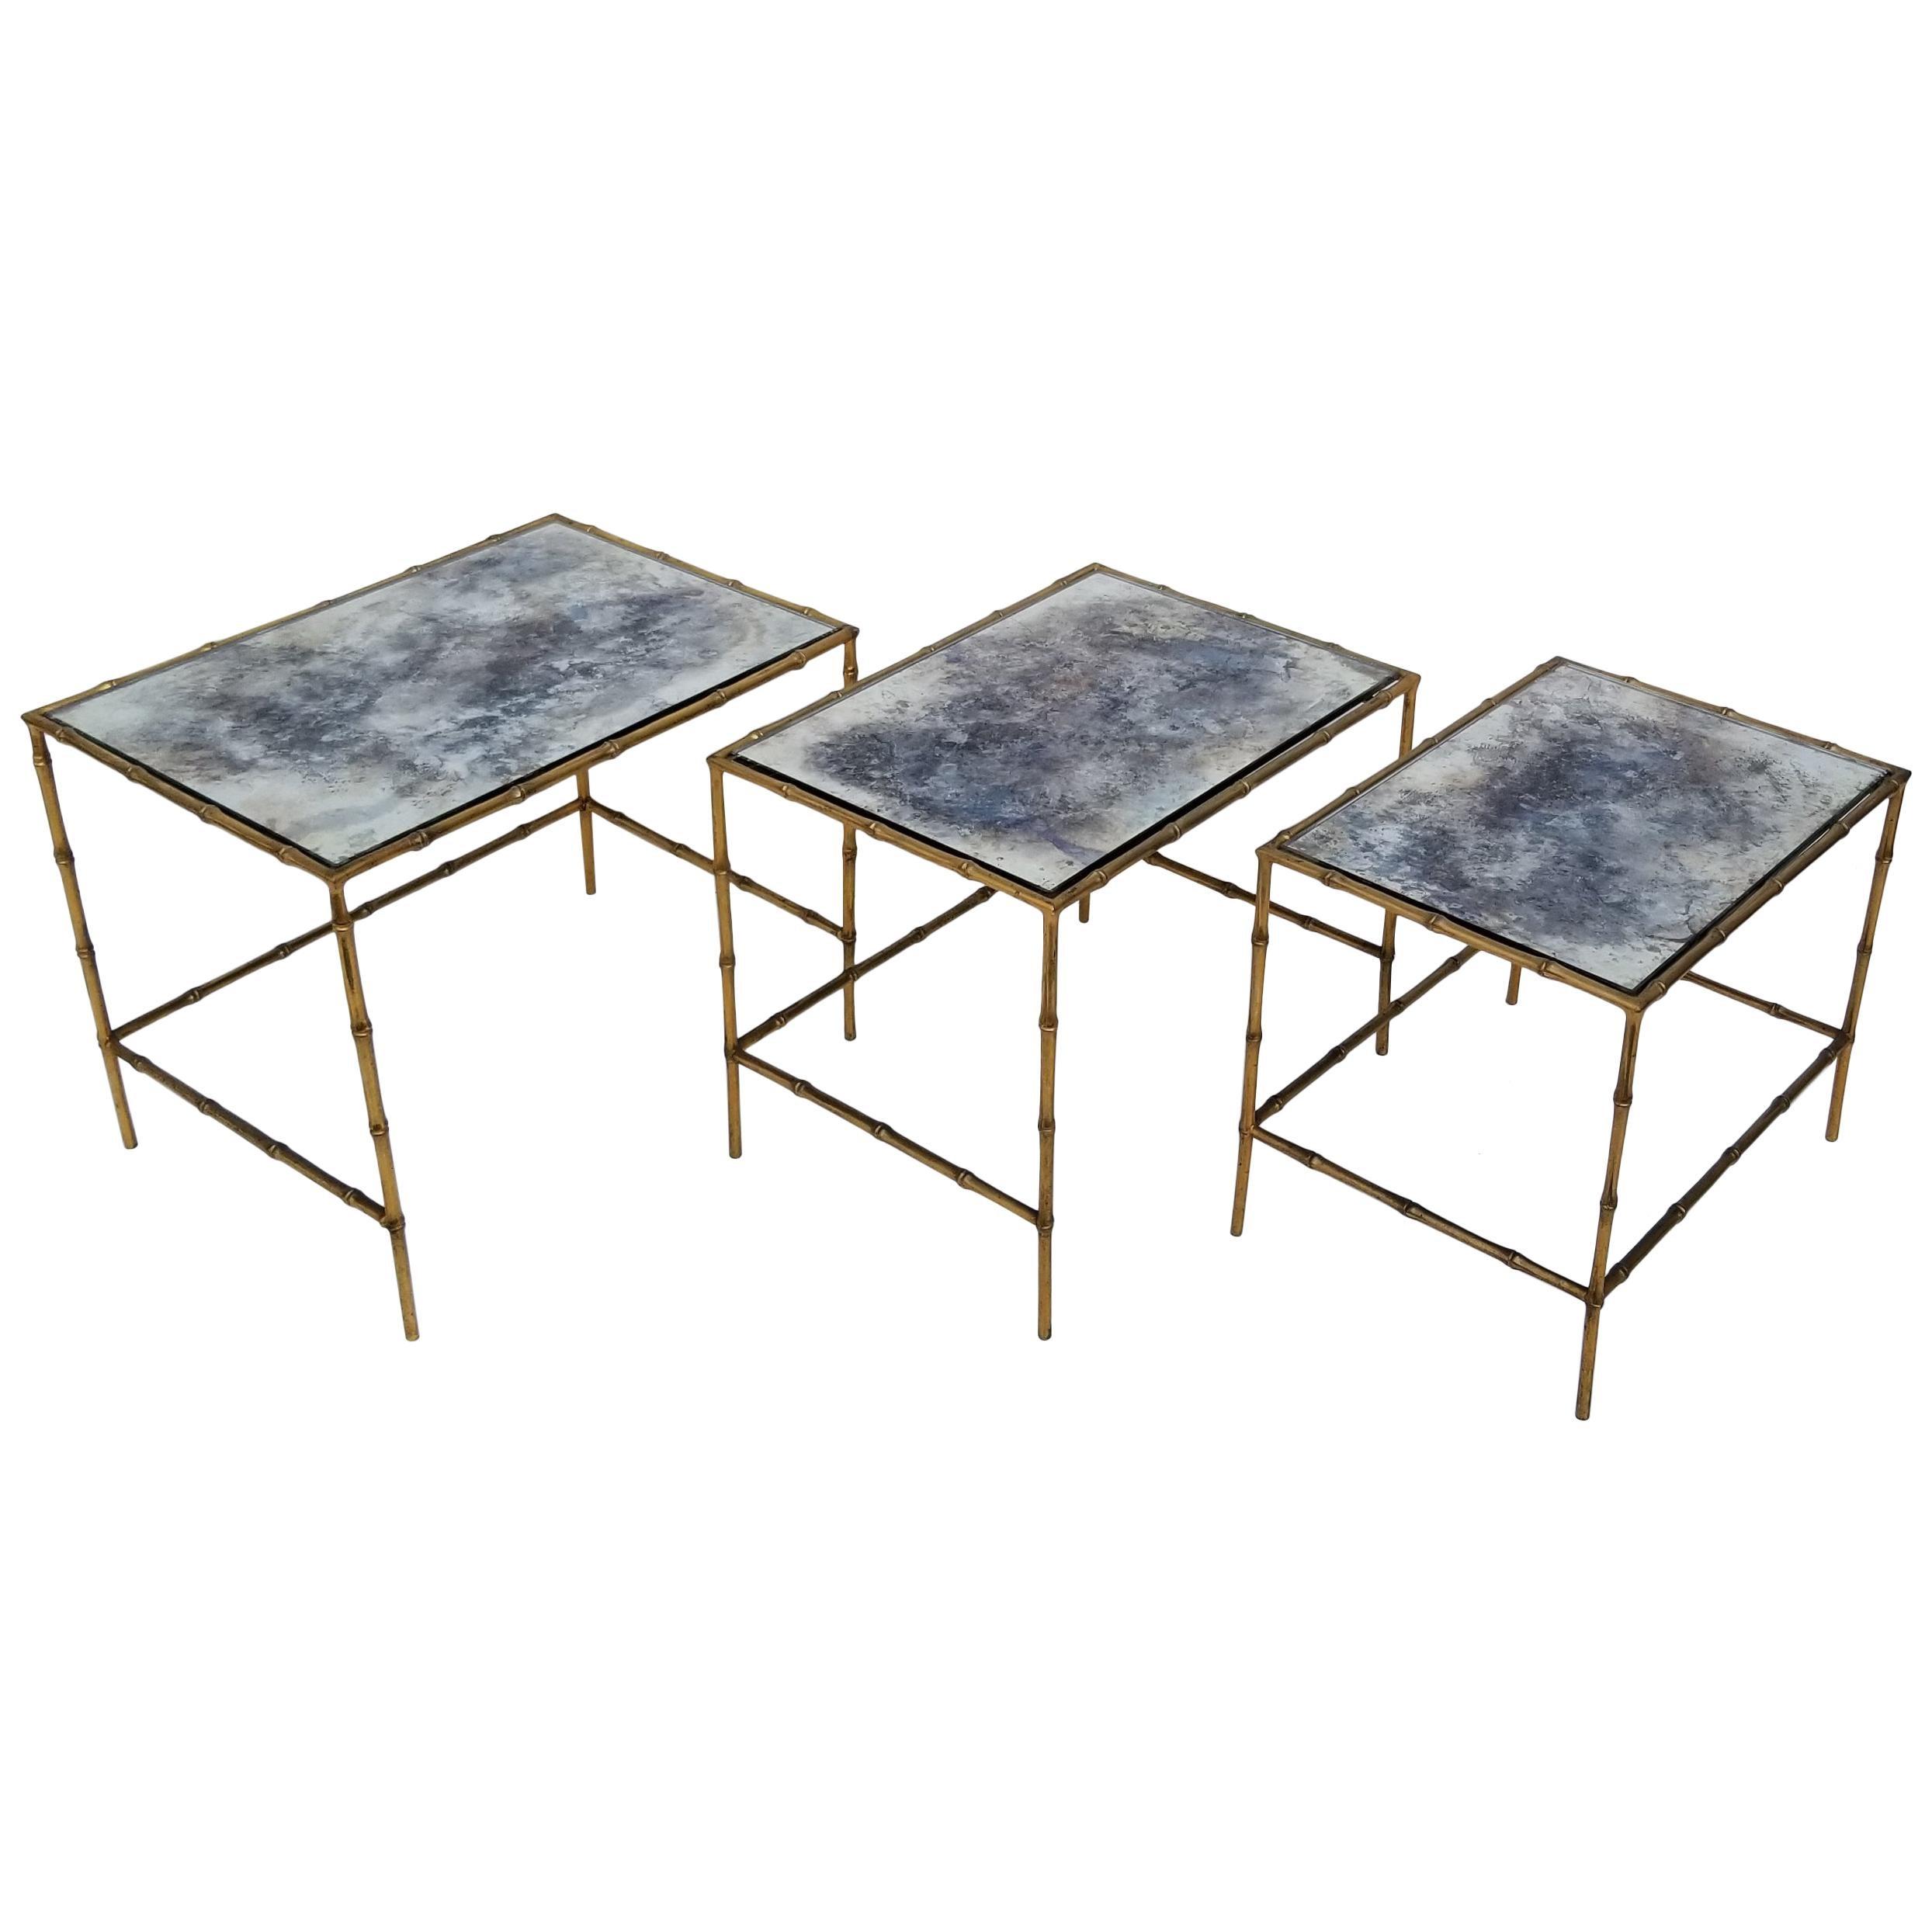 Set of 3 Maison Baguès Nesting Table